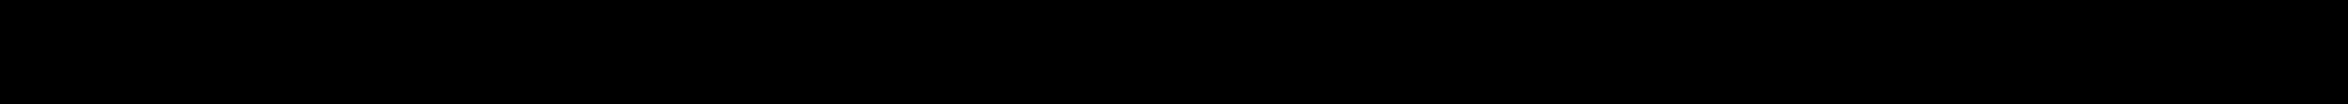 black-ops-ii-font